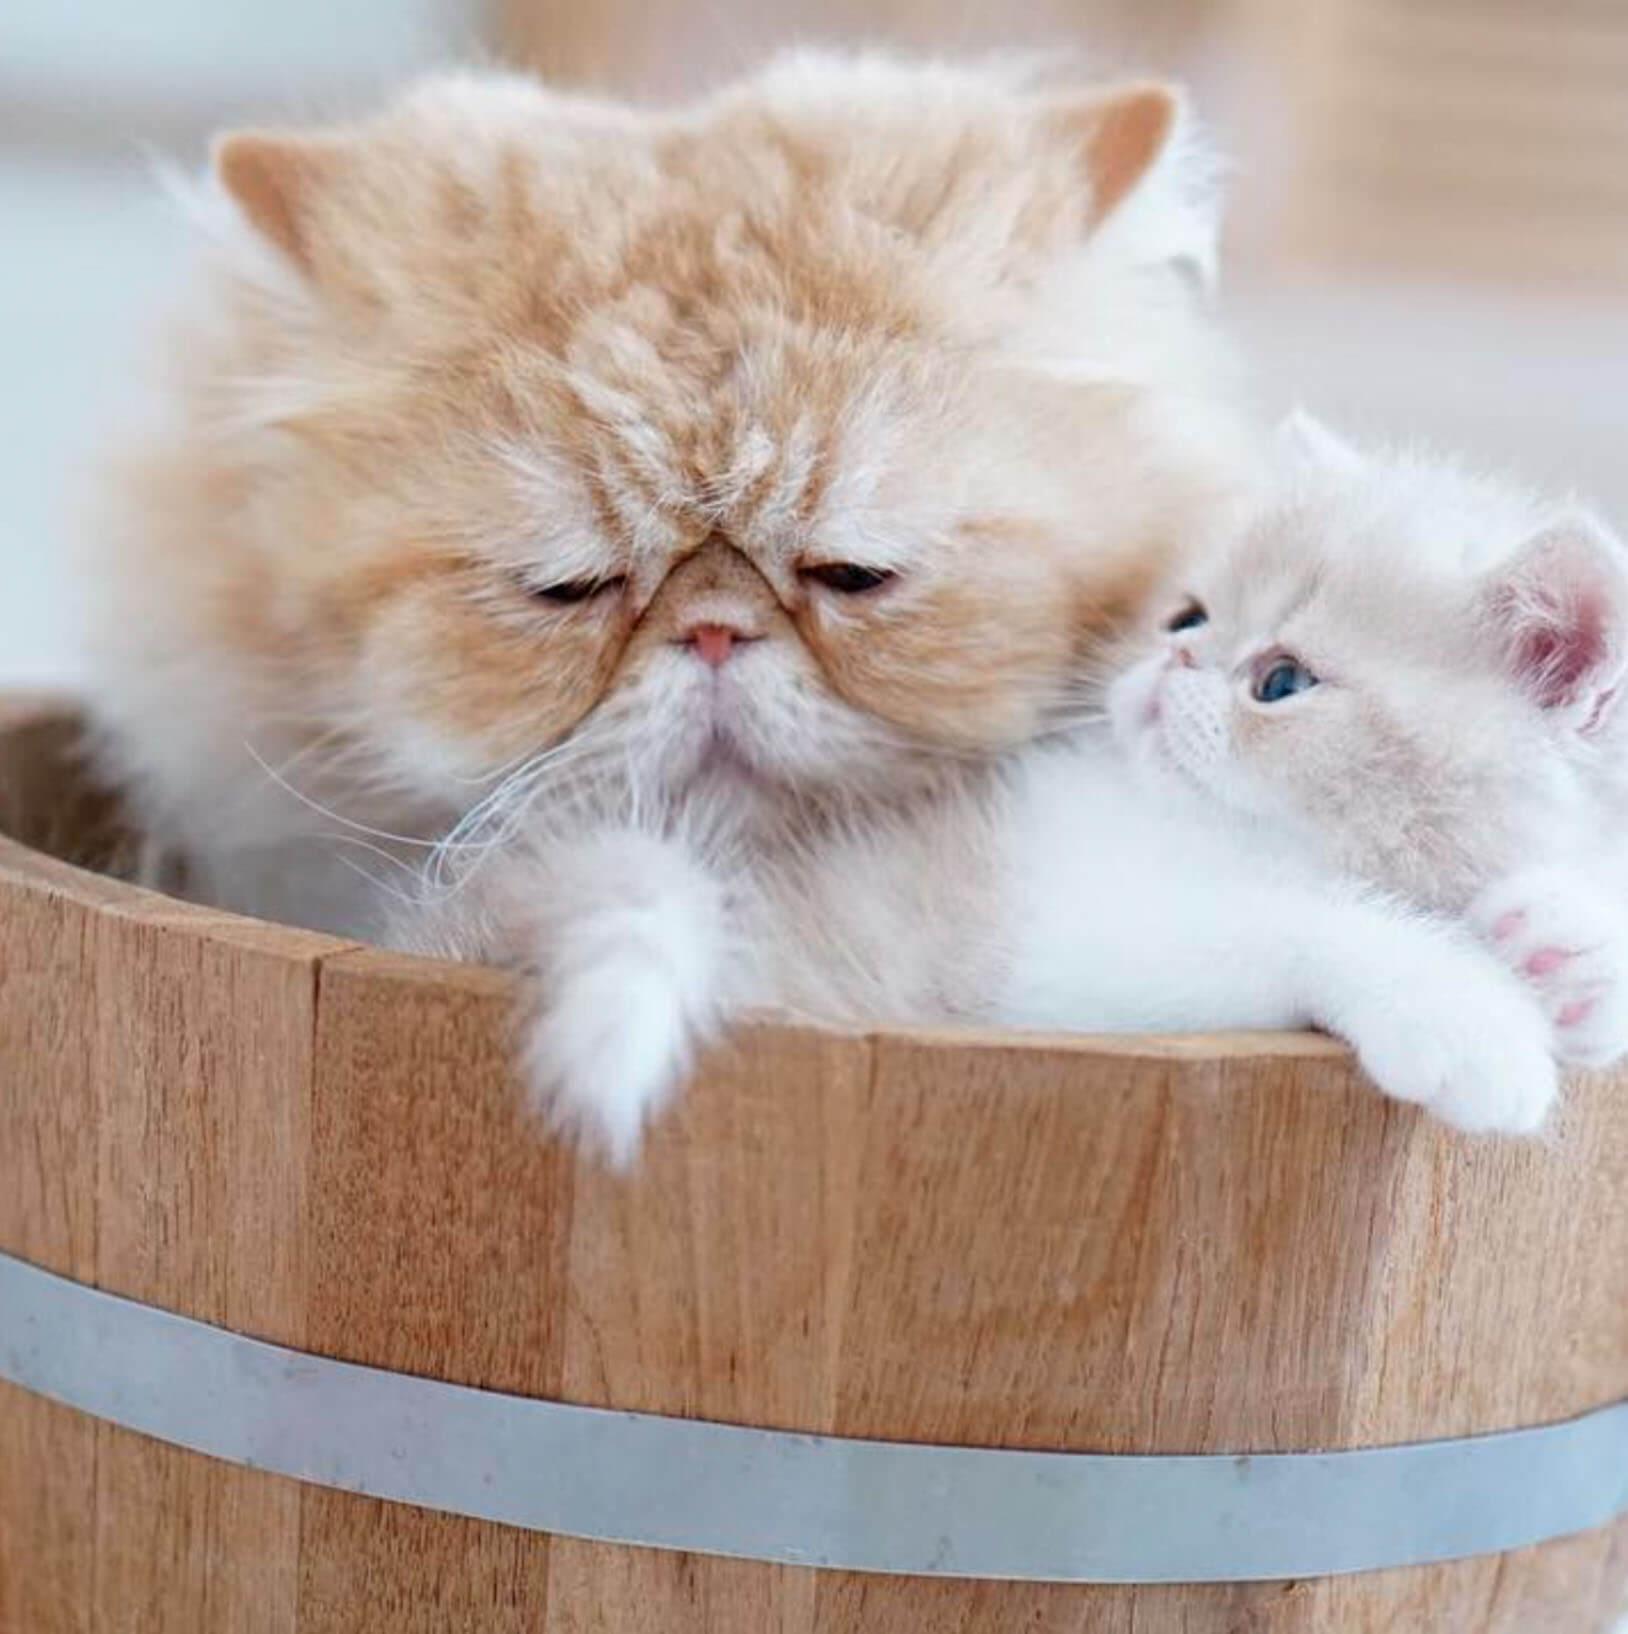 Подборка милых котов и кошек в картинках 7